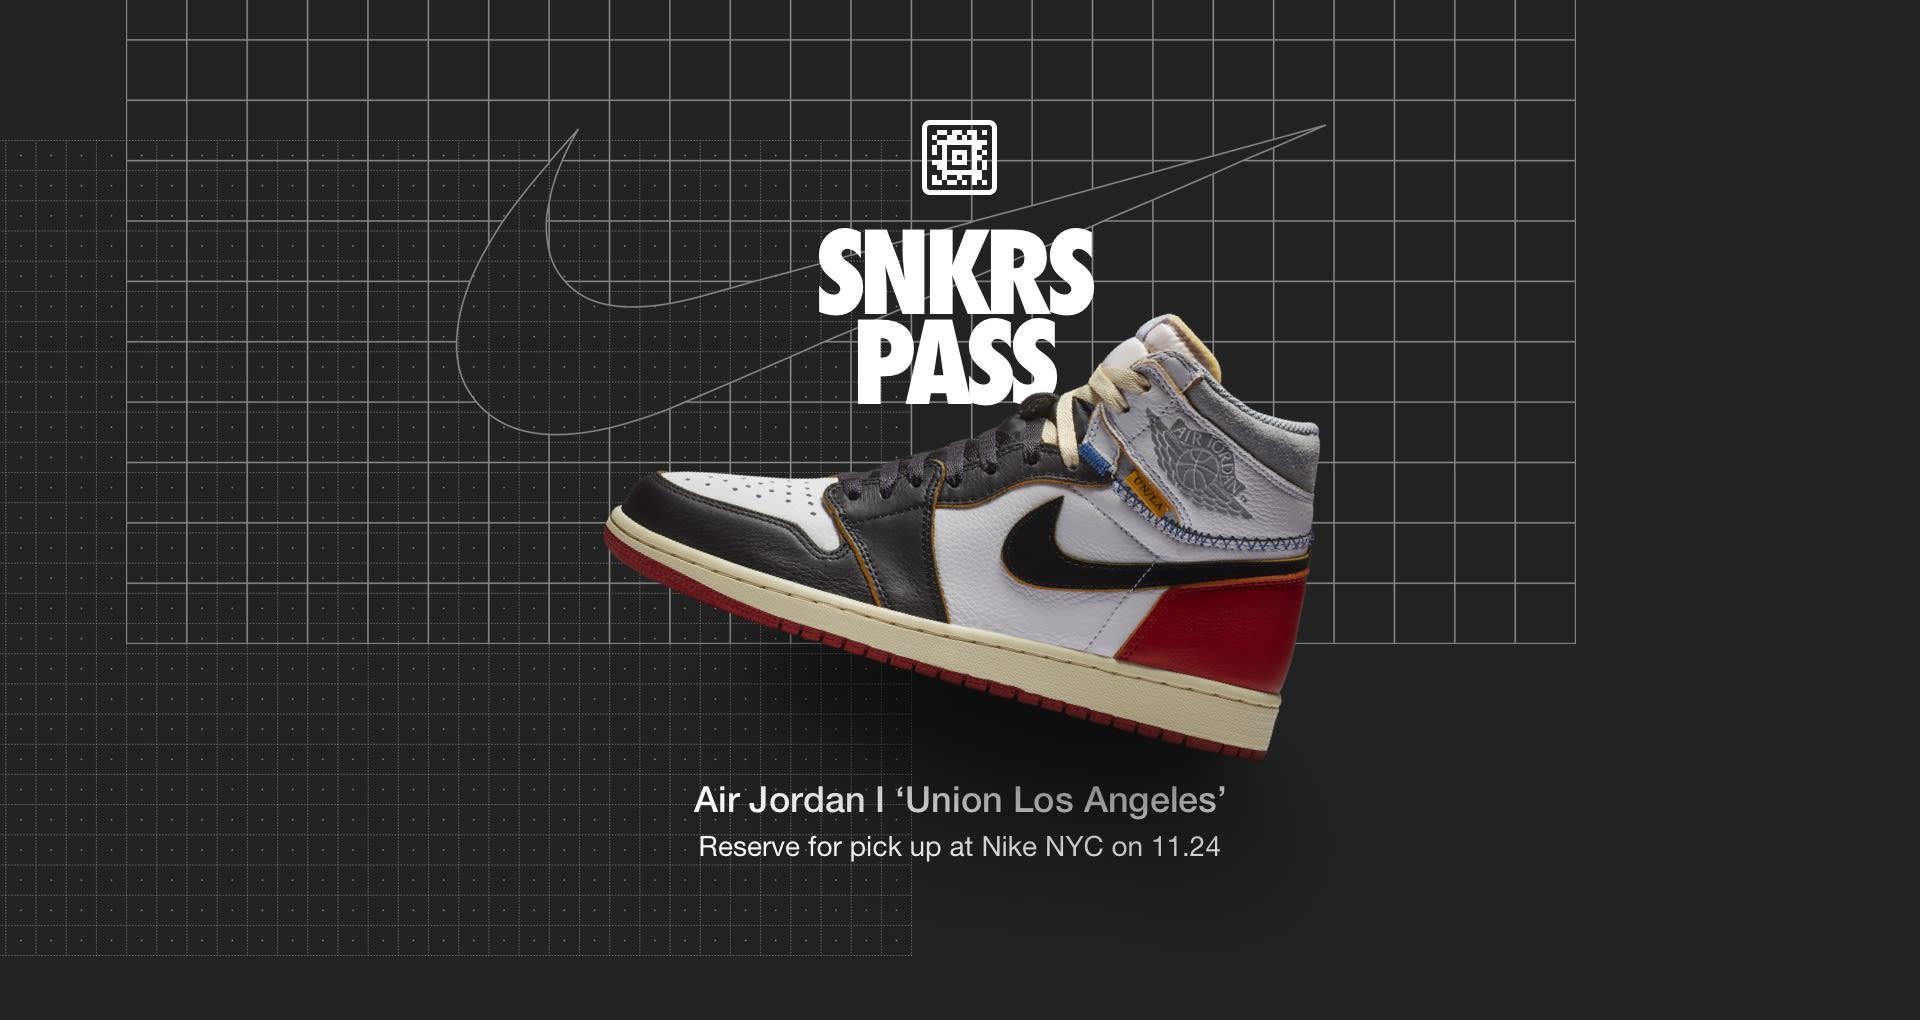 Air Jordan 1 'Union Los Angeles' SNKRS Pass Nike NYC  Nike+